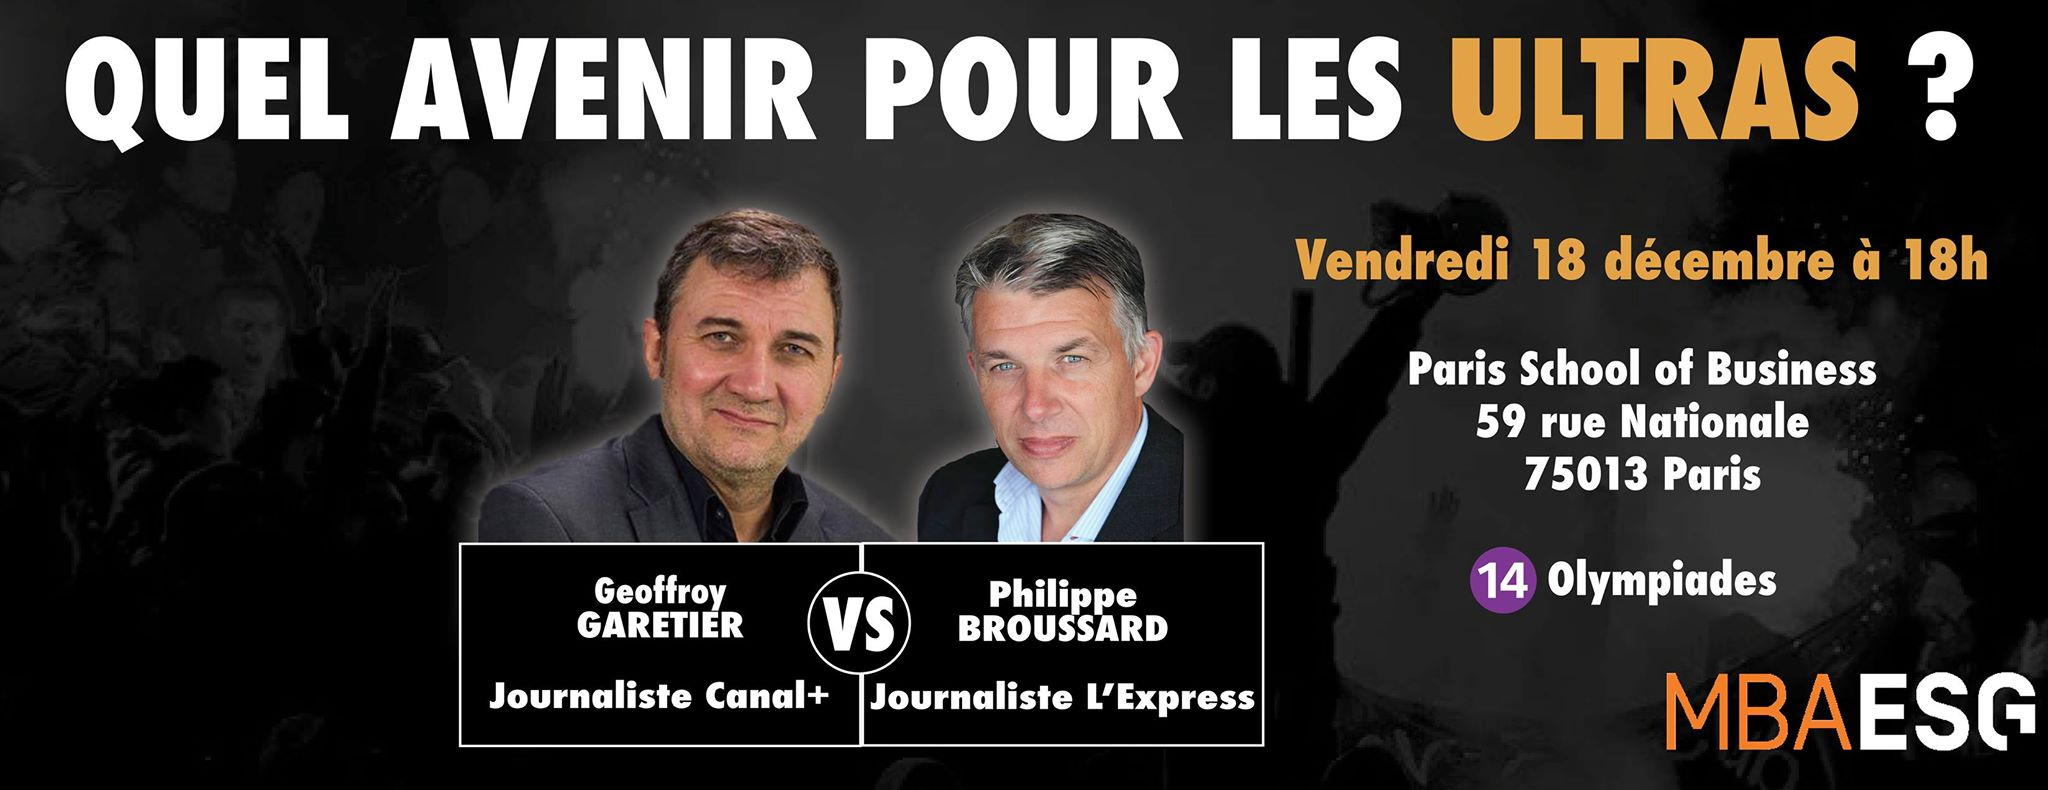 Un débat sur l'avenir des Ultras dans une école parisienne